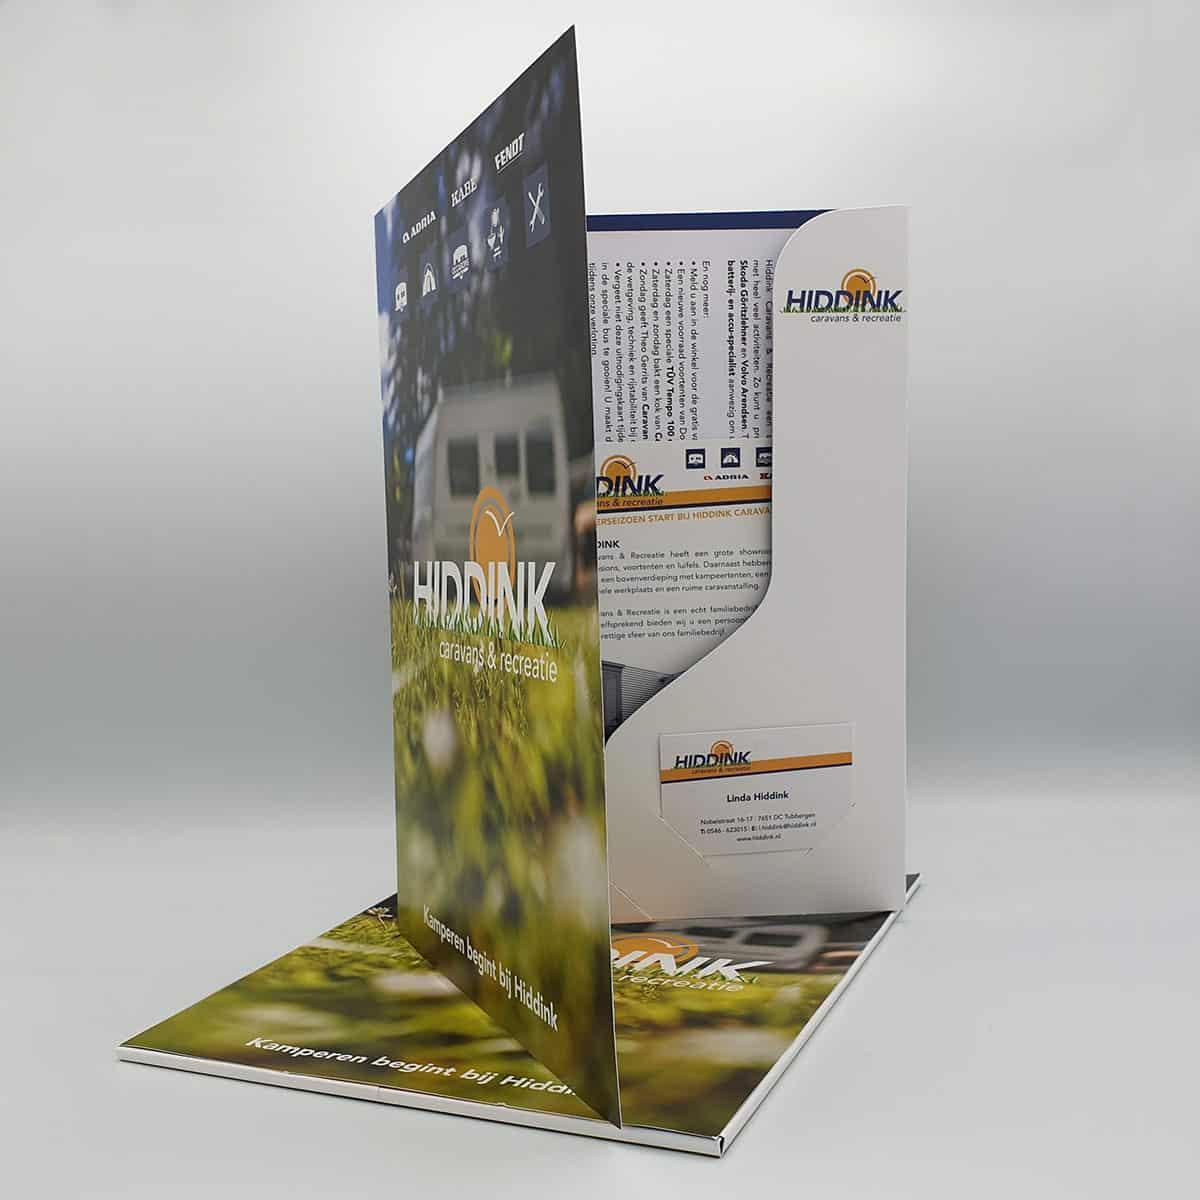 Hiddink-Caravans-brochuremappen-drukwerk-buro-bedenkt